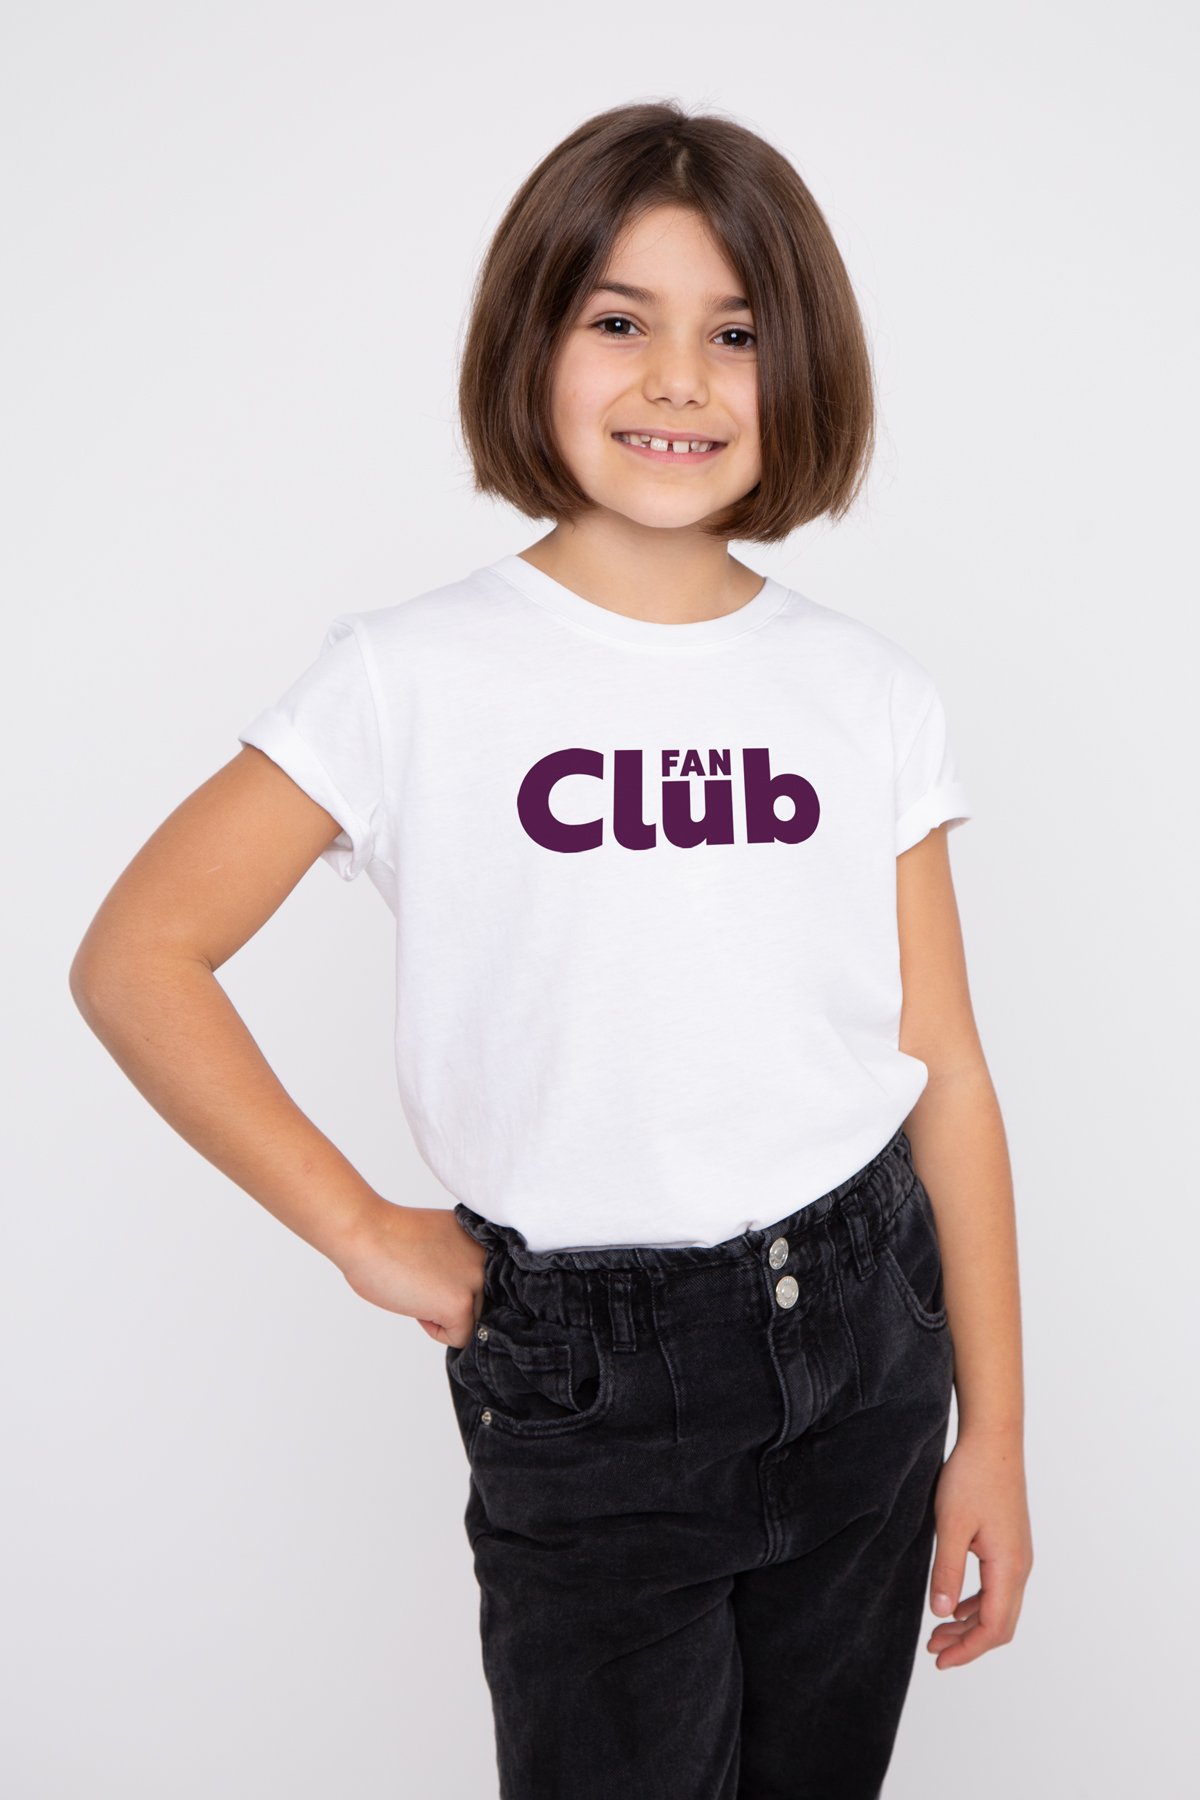 Tshirt FAN CLUB French Disorder